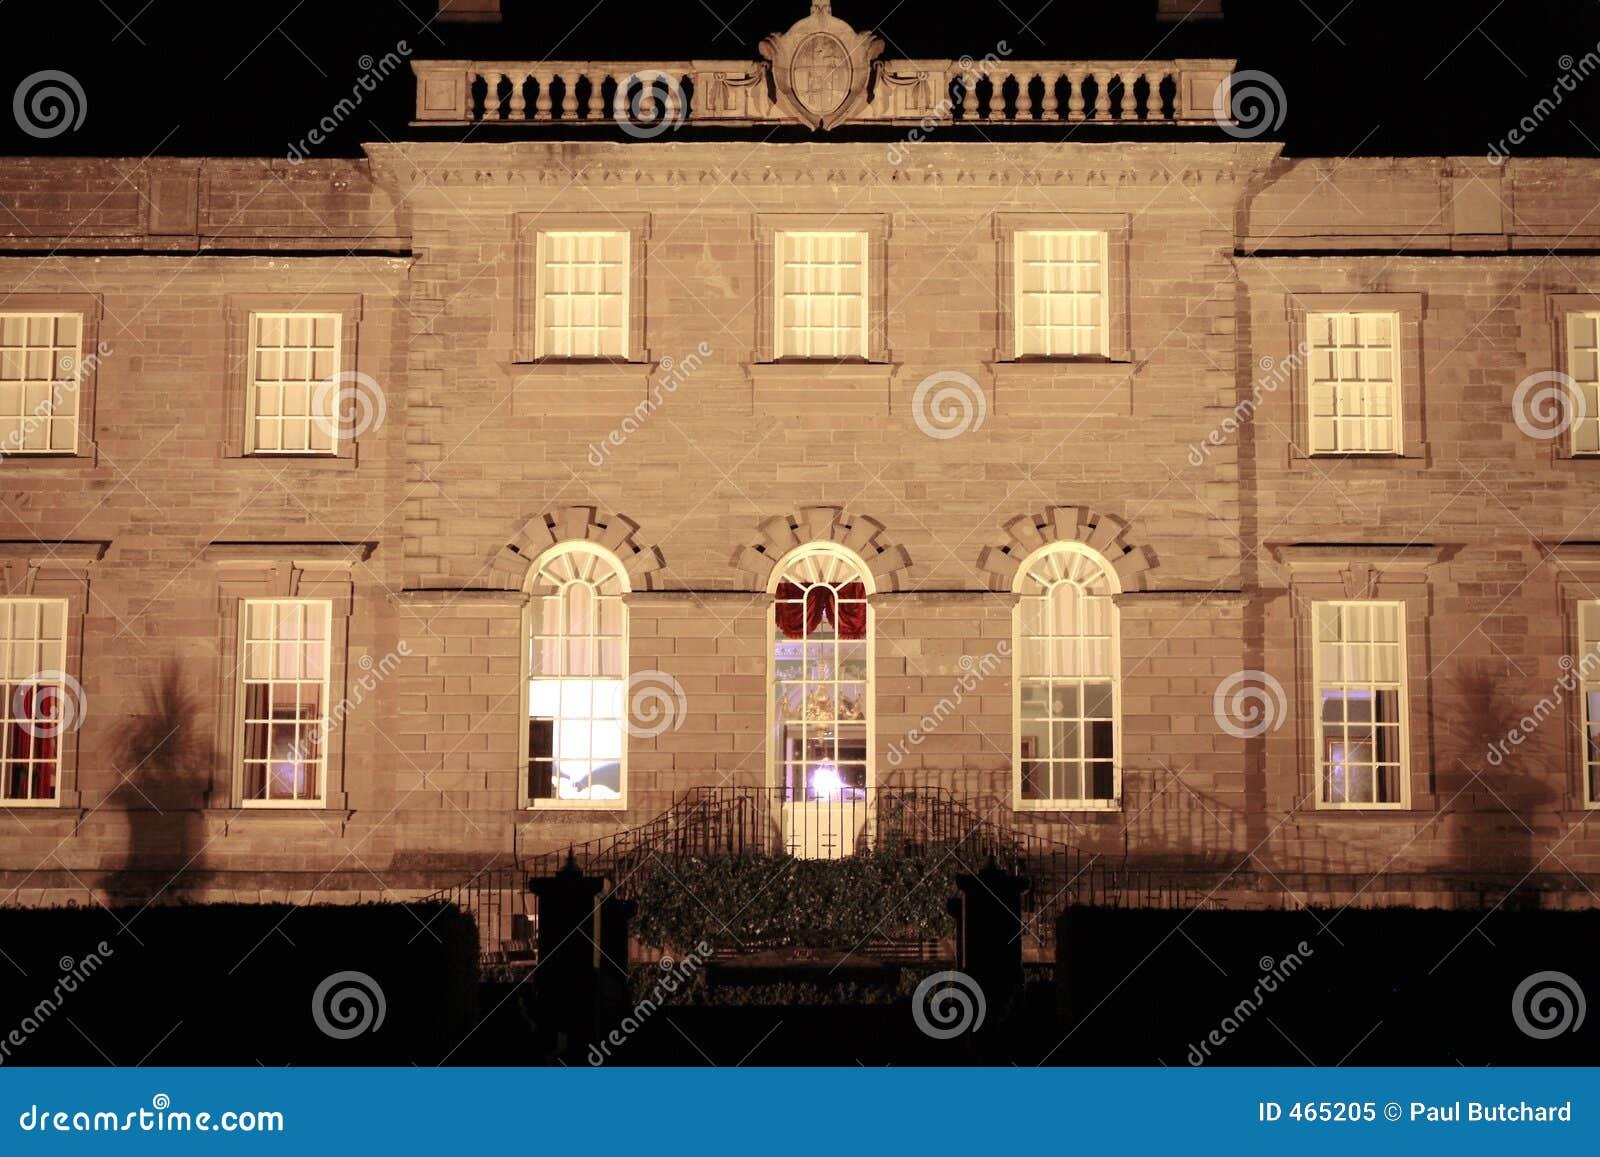 Chambre de manoir la nuit ecosse photo libre de droits - Chambre de nuit ...